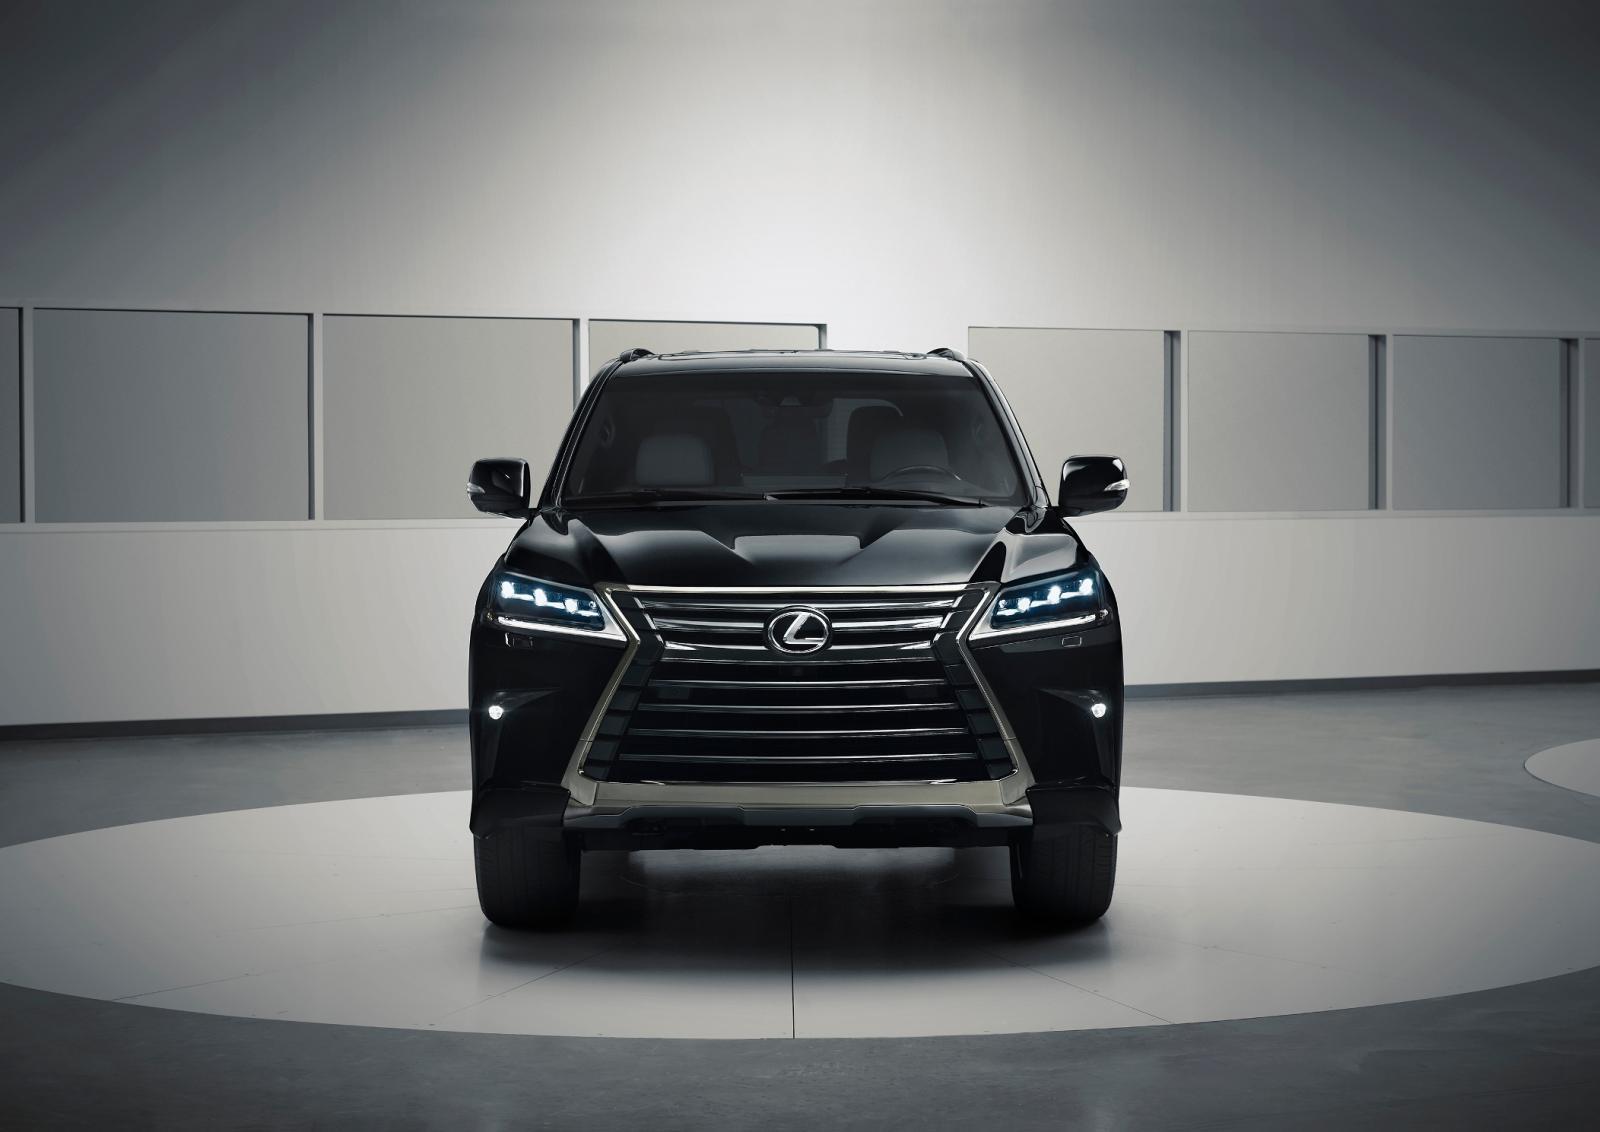 Lexus rinde homenaje al poder y lujo con la LX Inspiration Series de edición limitada que debutó en el Autoshow de Los Ángeles